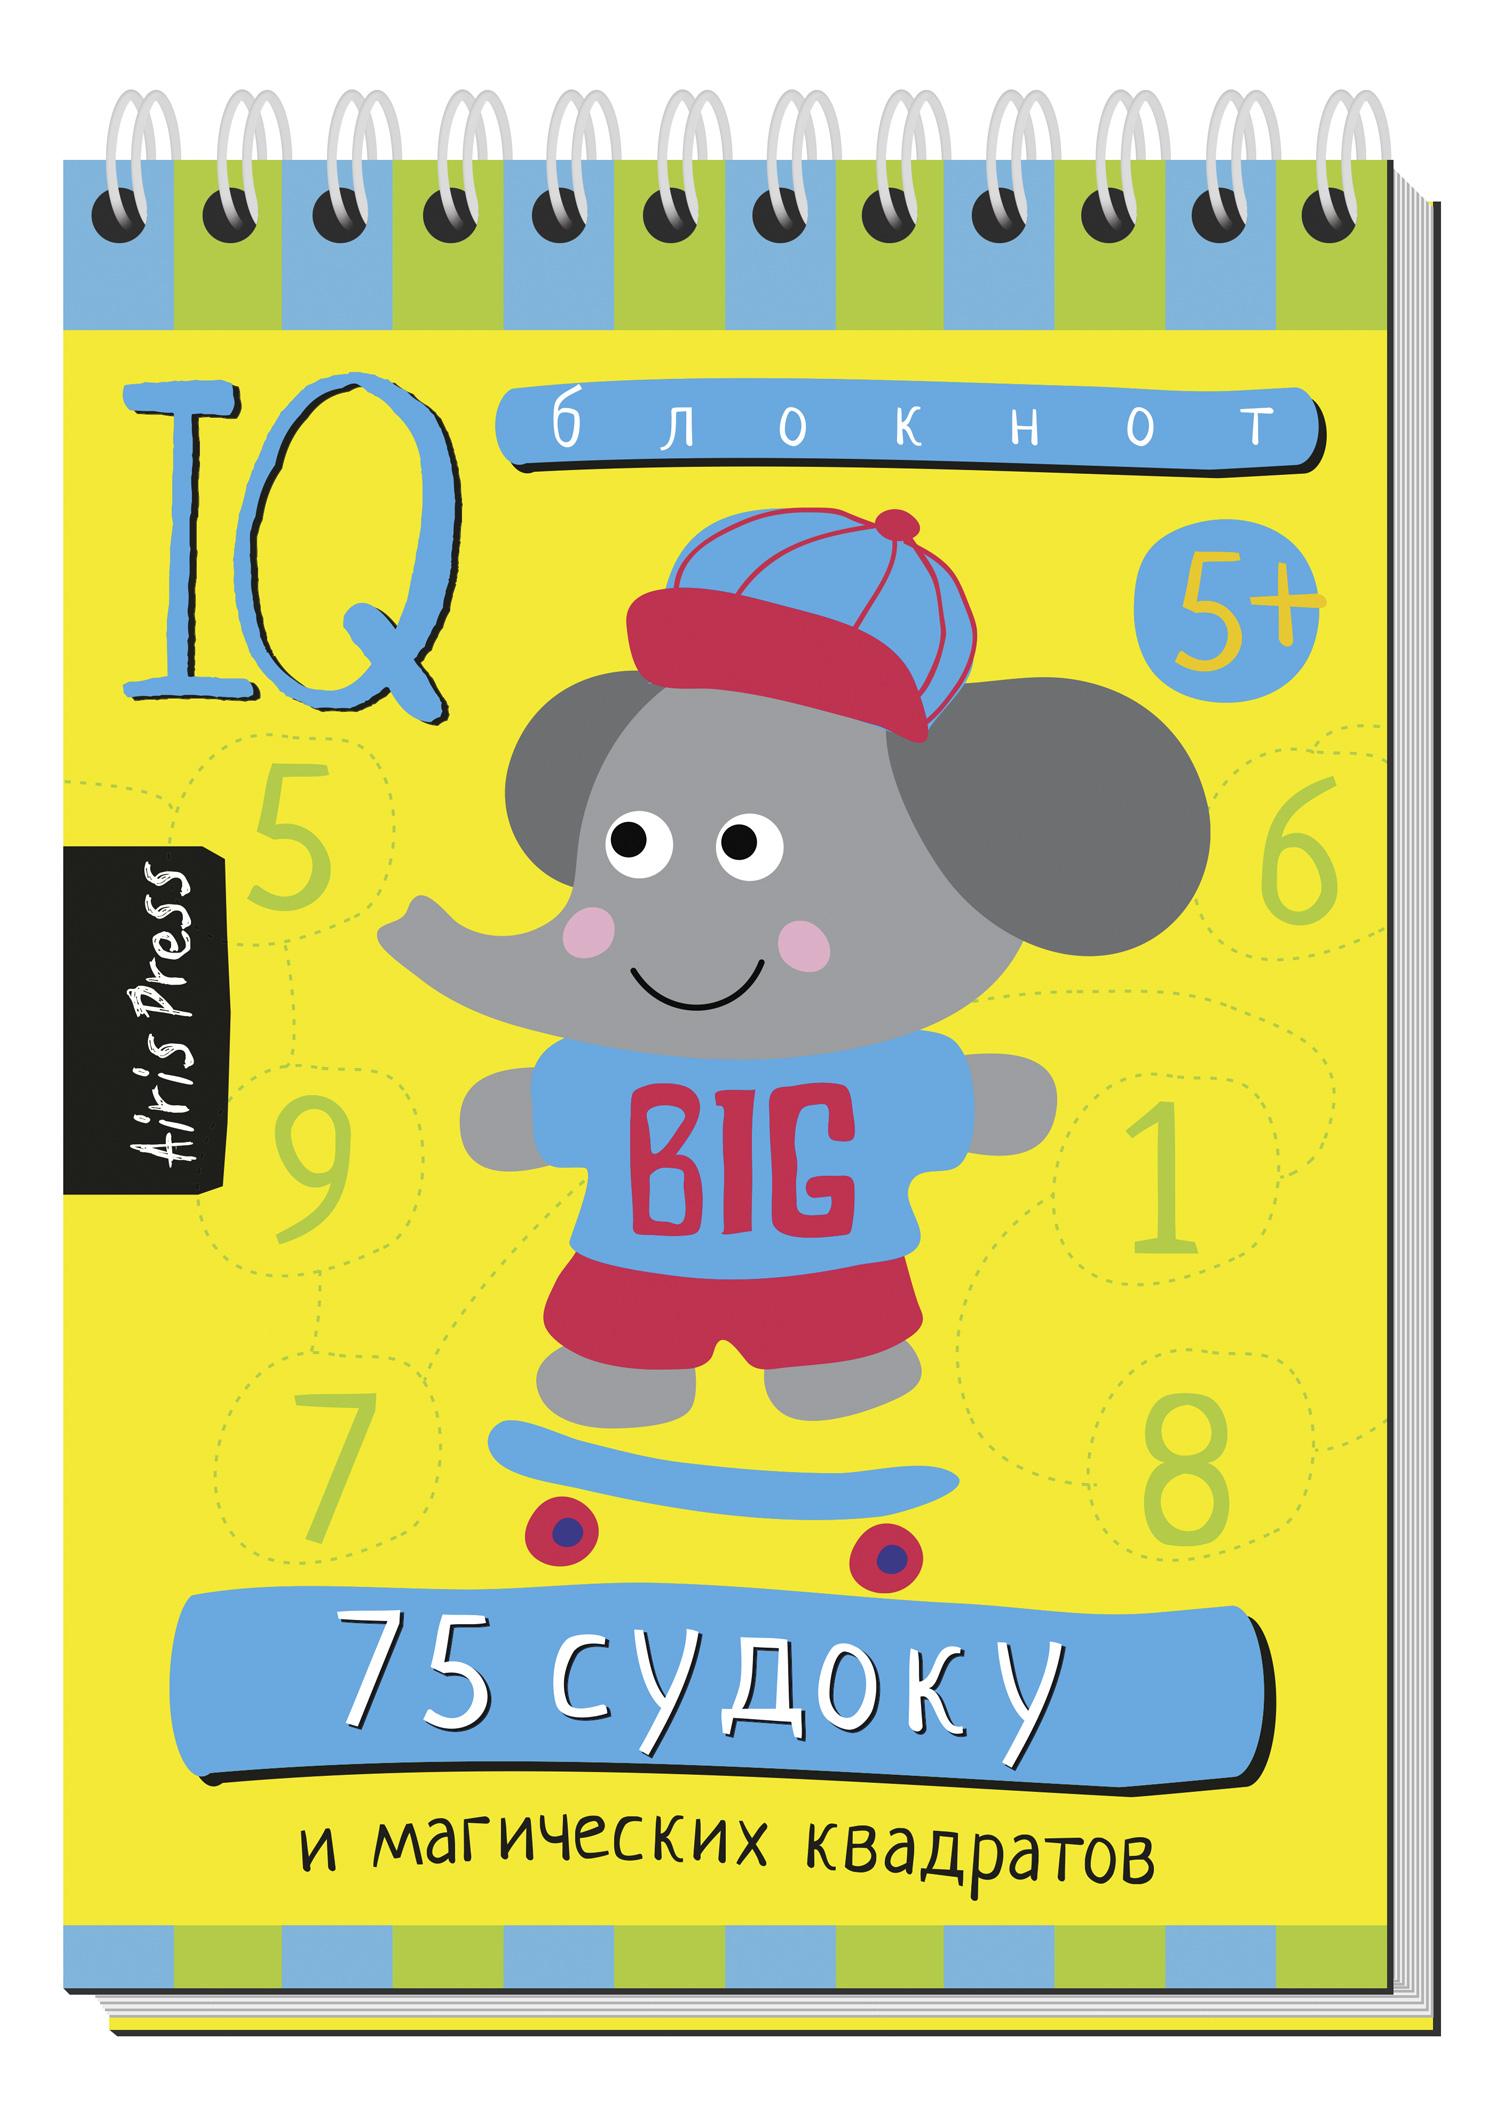 Купить АЙРИС-ПРЕСС Умный блокнот. 75 судоку и магических квадратов [25470], Обучающие материалы и авторские методики для детей